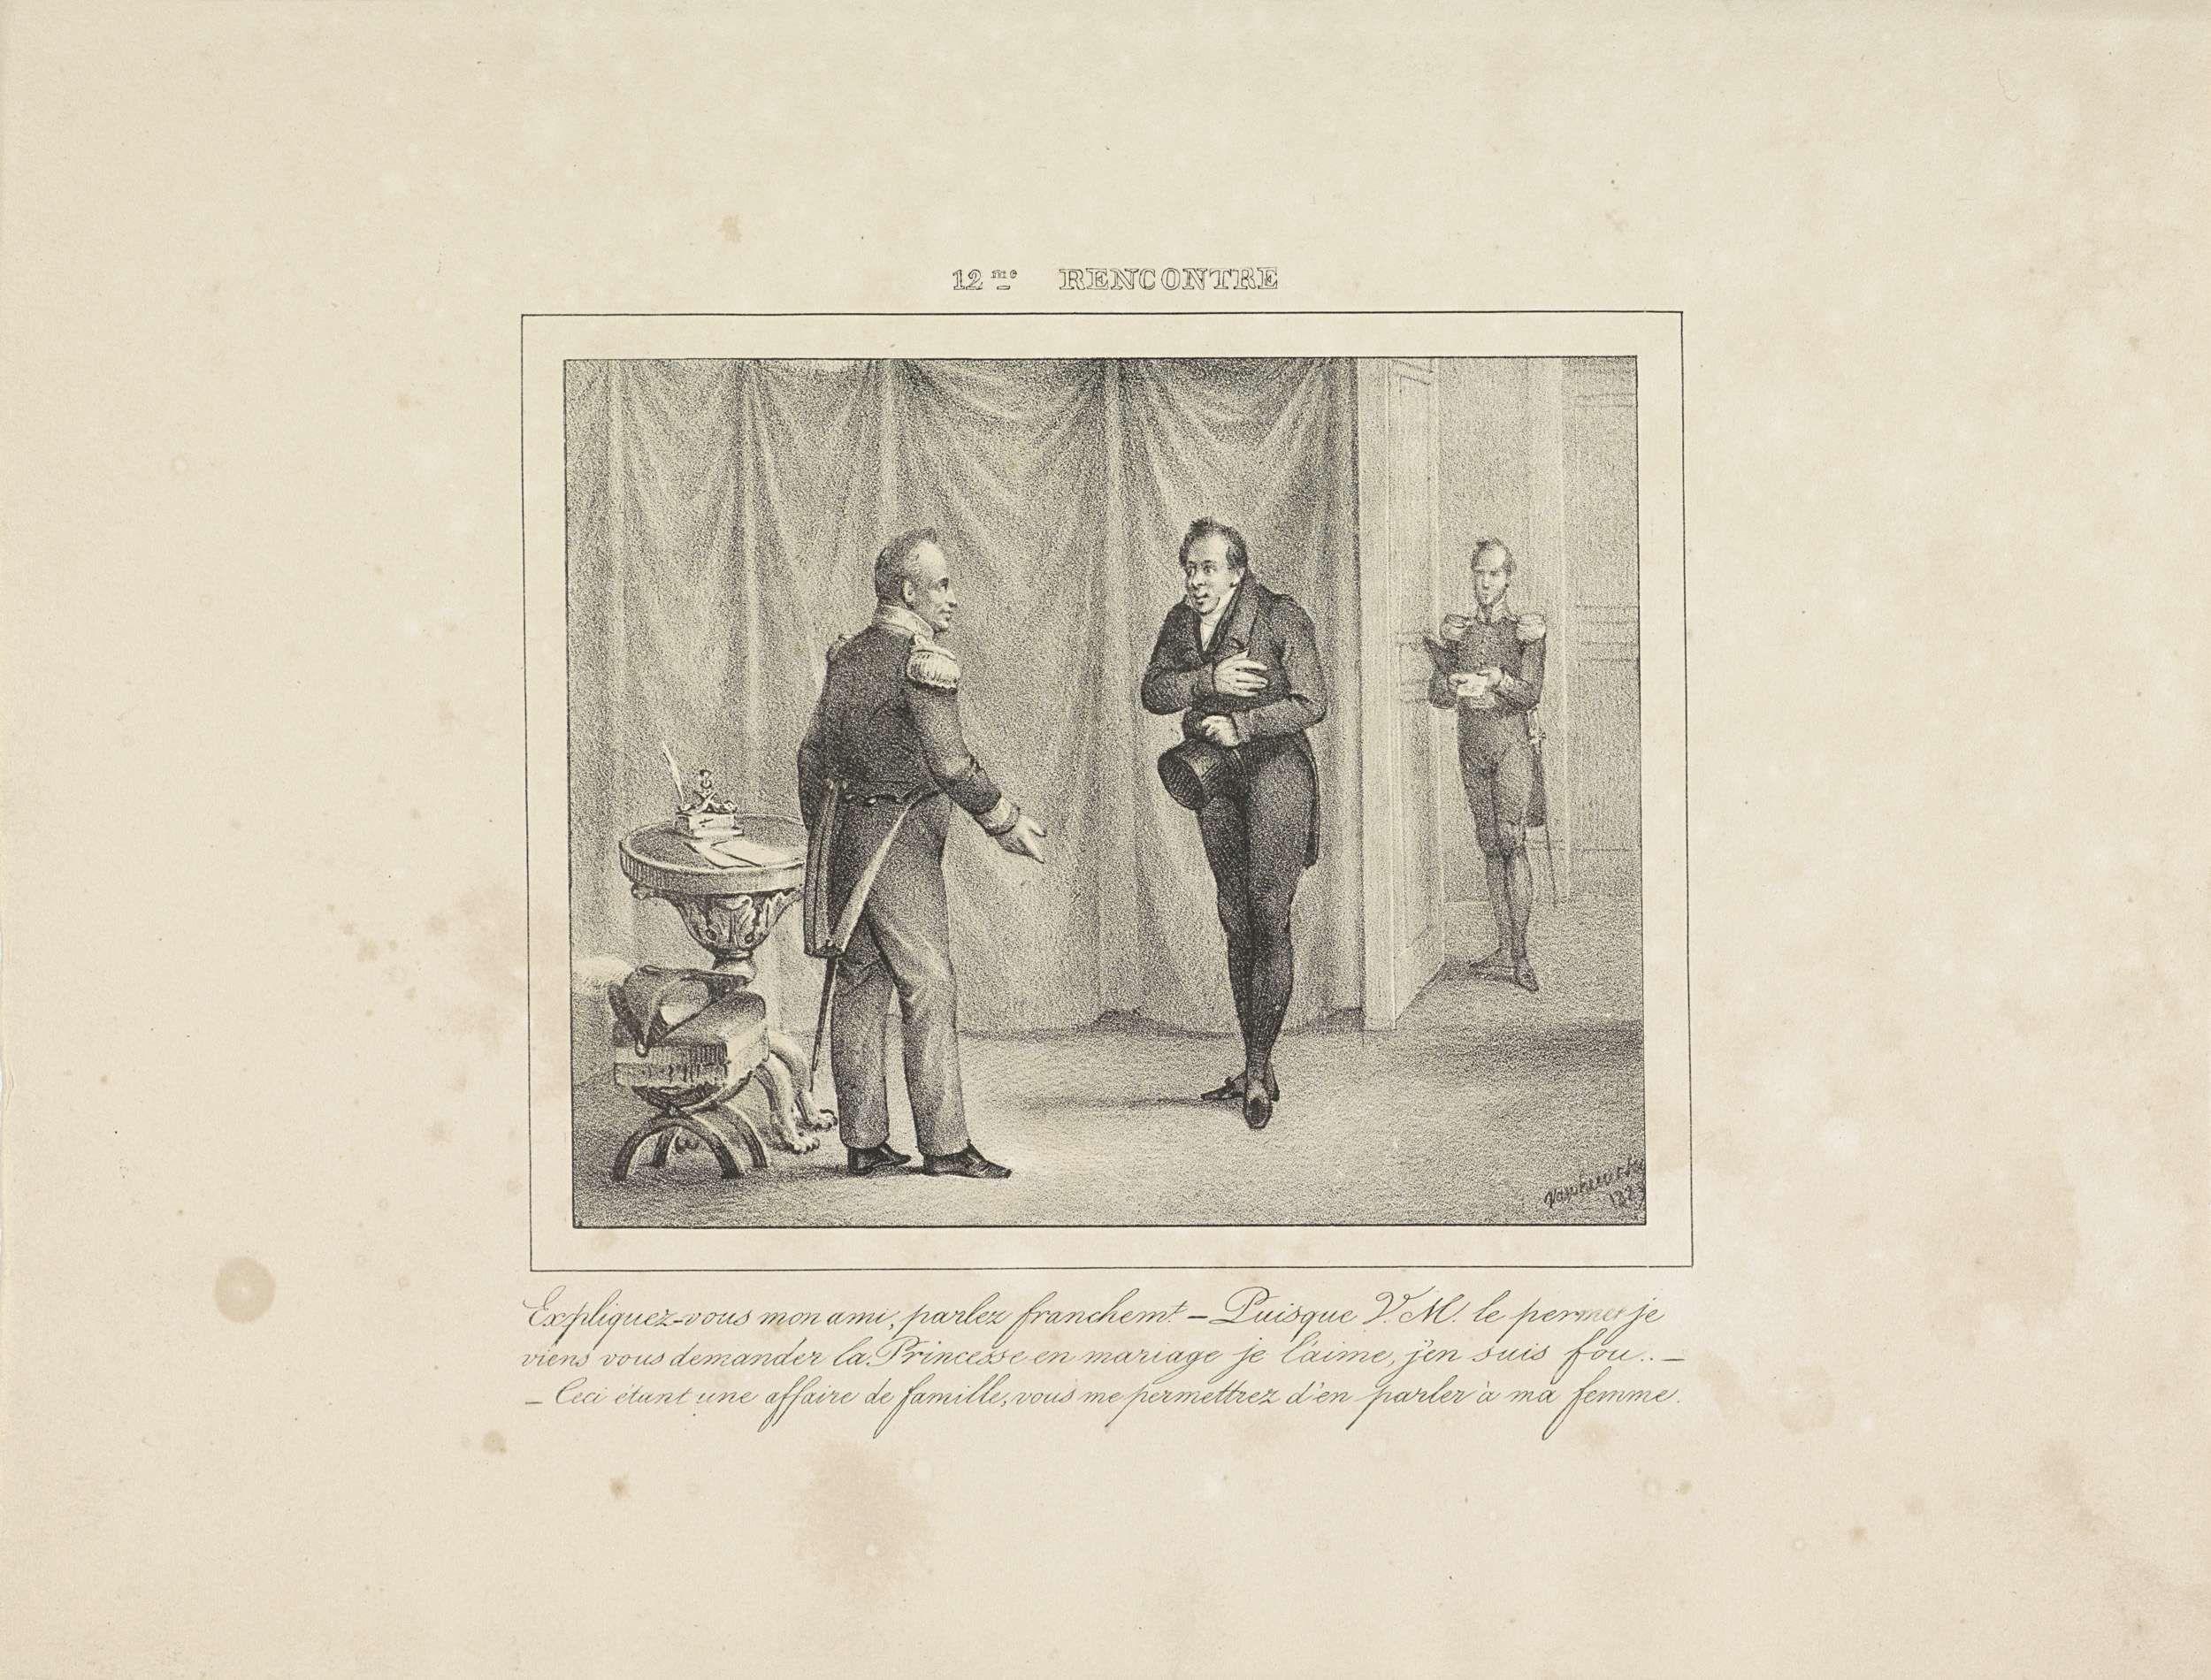 Jean-Louis Van Hemelryck   Koning Willem I ontvangt een jongeman die om de hand van zijn dochter vraagt, 1829, Jean-Louis Van Hemelryck, Jobard, 1829   De koning ontvangt een jongeman die hem om de hand van zijn dochter vraagt en antwoordt dat dit een familiezaak is die hij met zijn vrouw moet bespreken. Met drieregelig onderschrift. Onderdeel van de serie van 24 platen met ontmoetingen met koning Willem I, verschenen onder de titel 'Les rencontres' in 1829-1830.